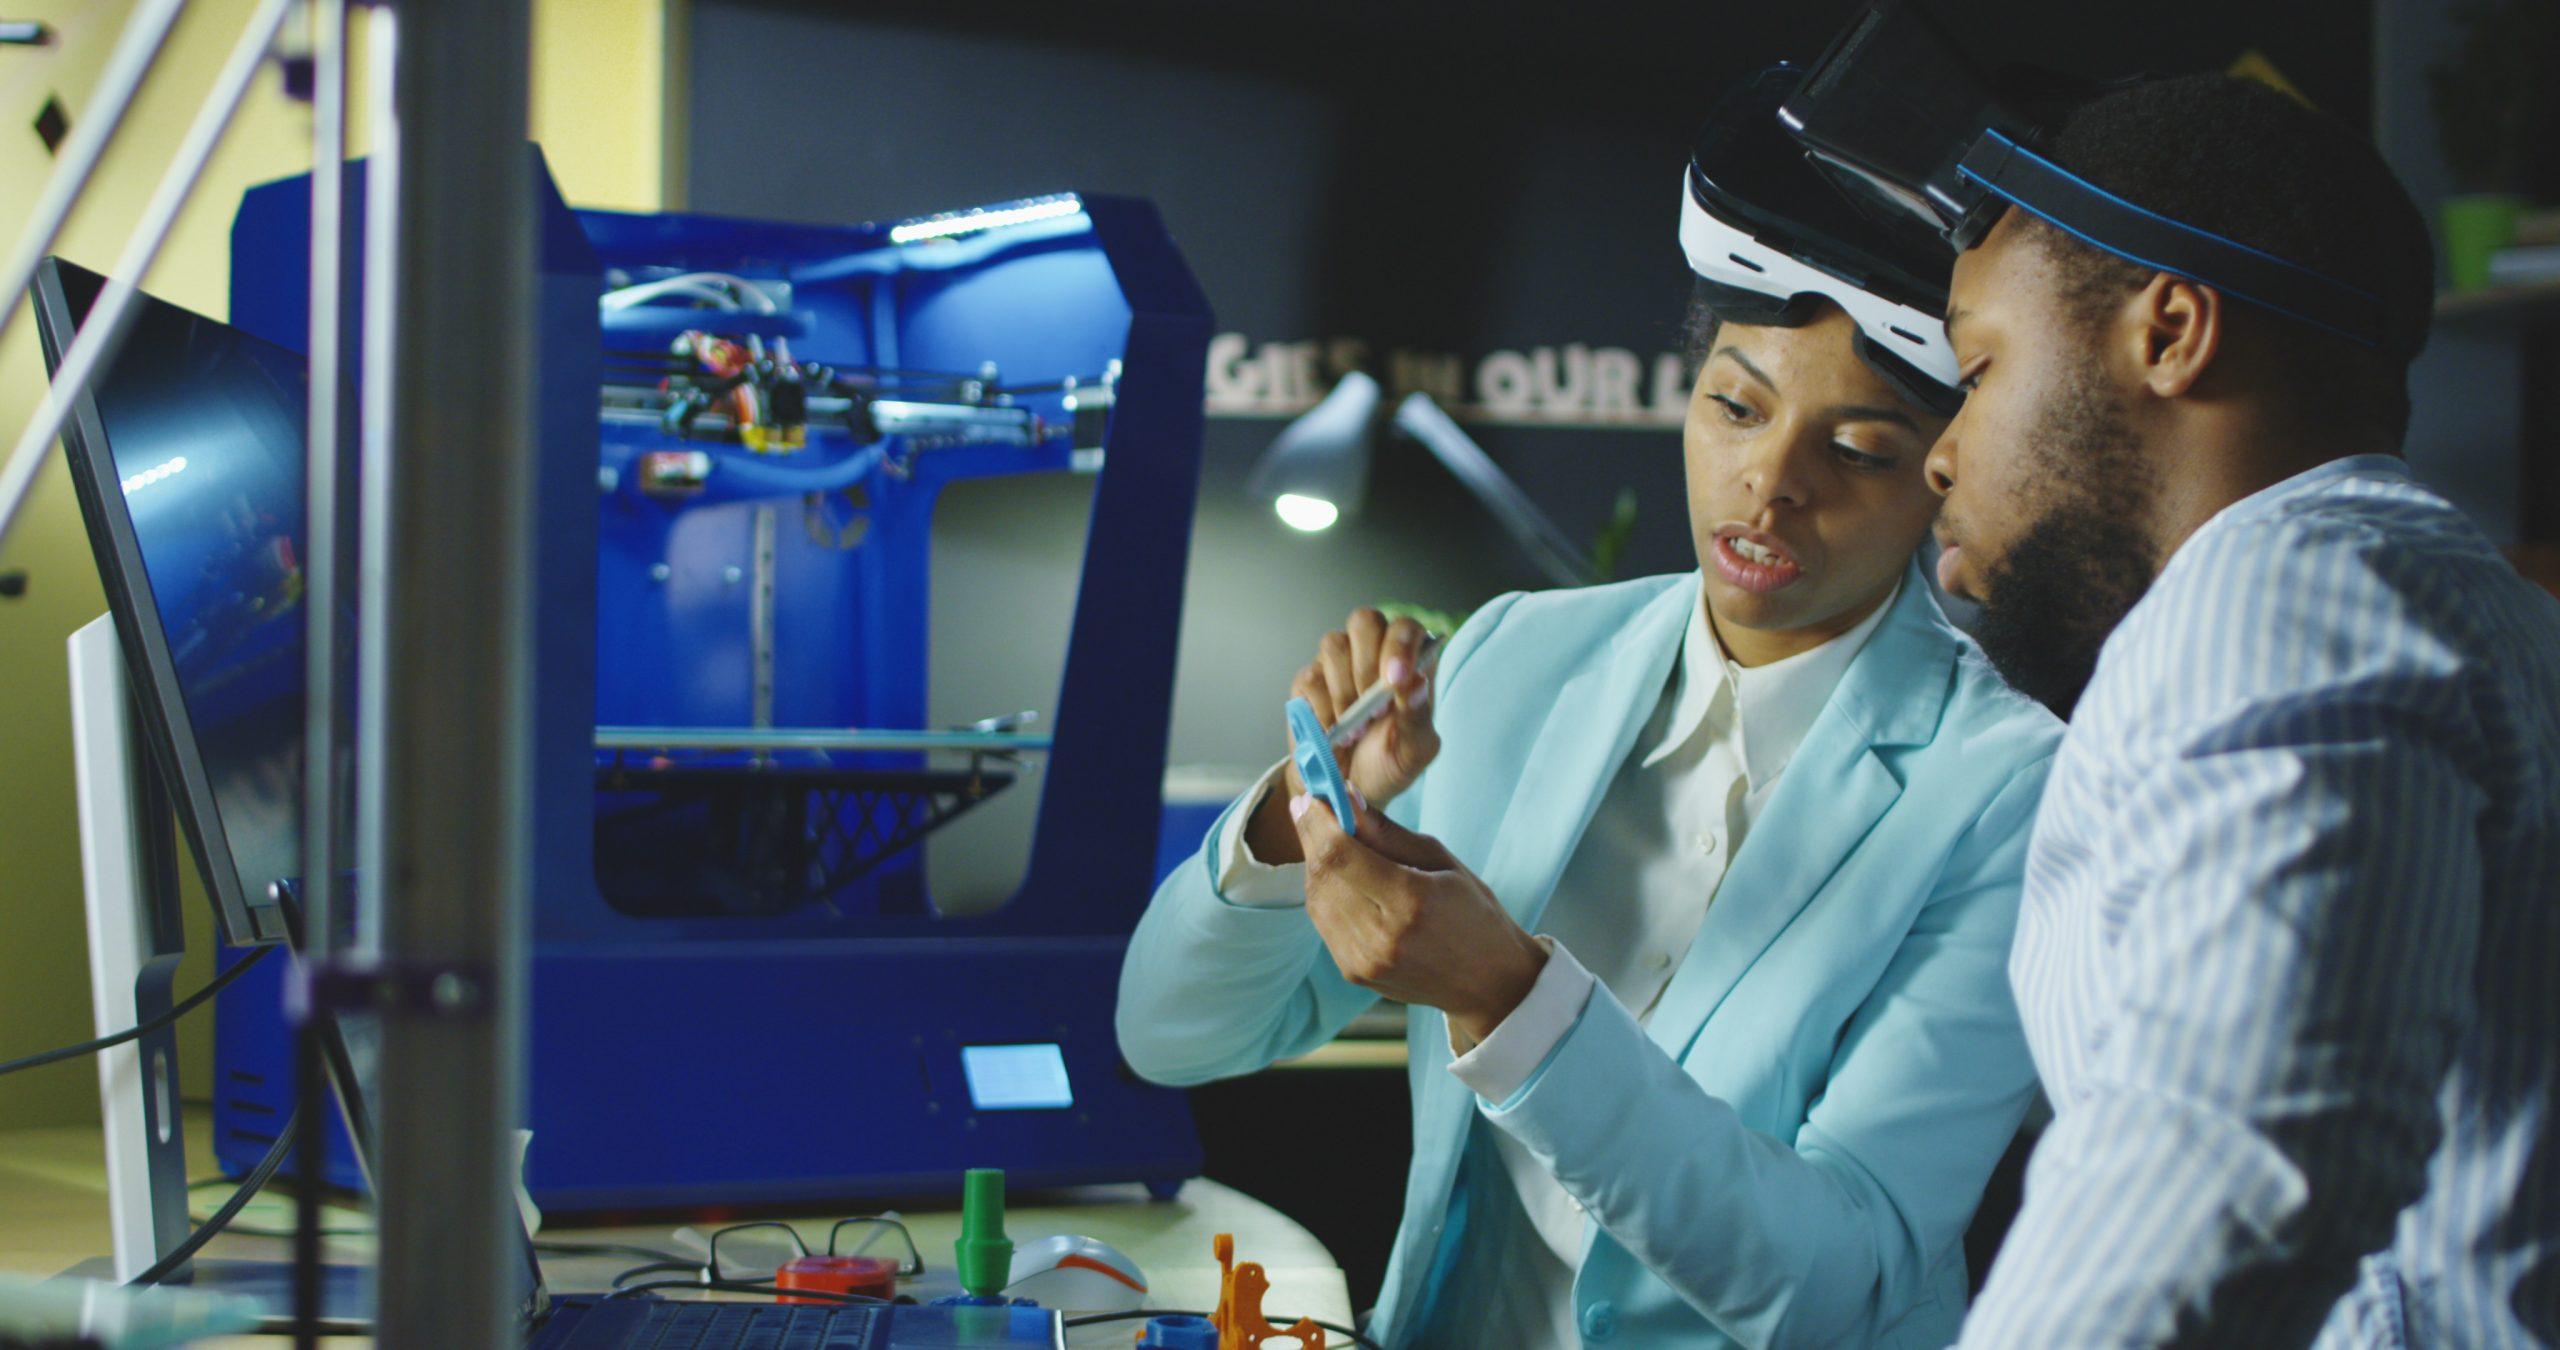 engenheiros usando impressora 3d e oculso de realidade virtual